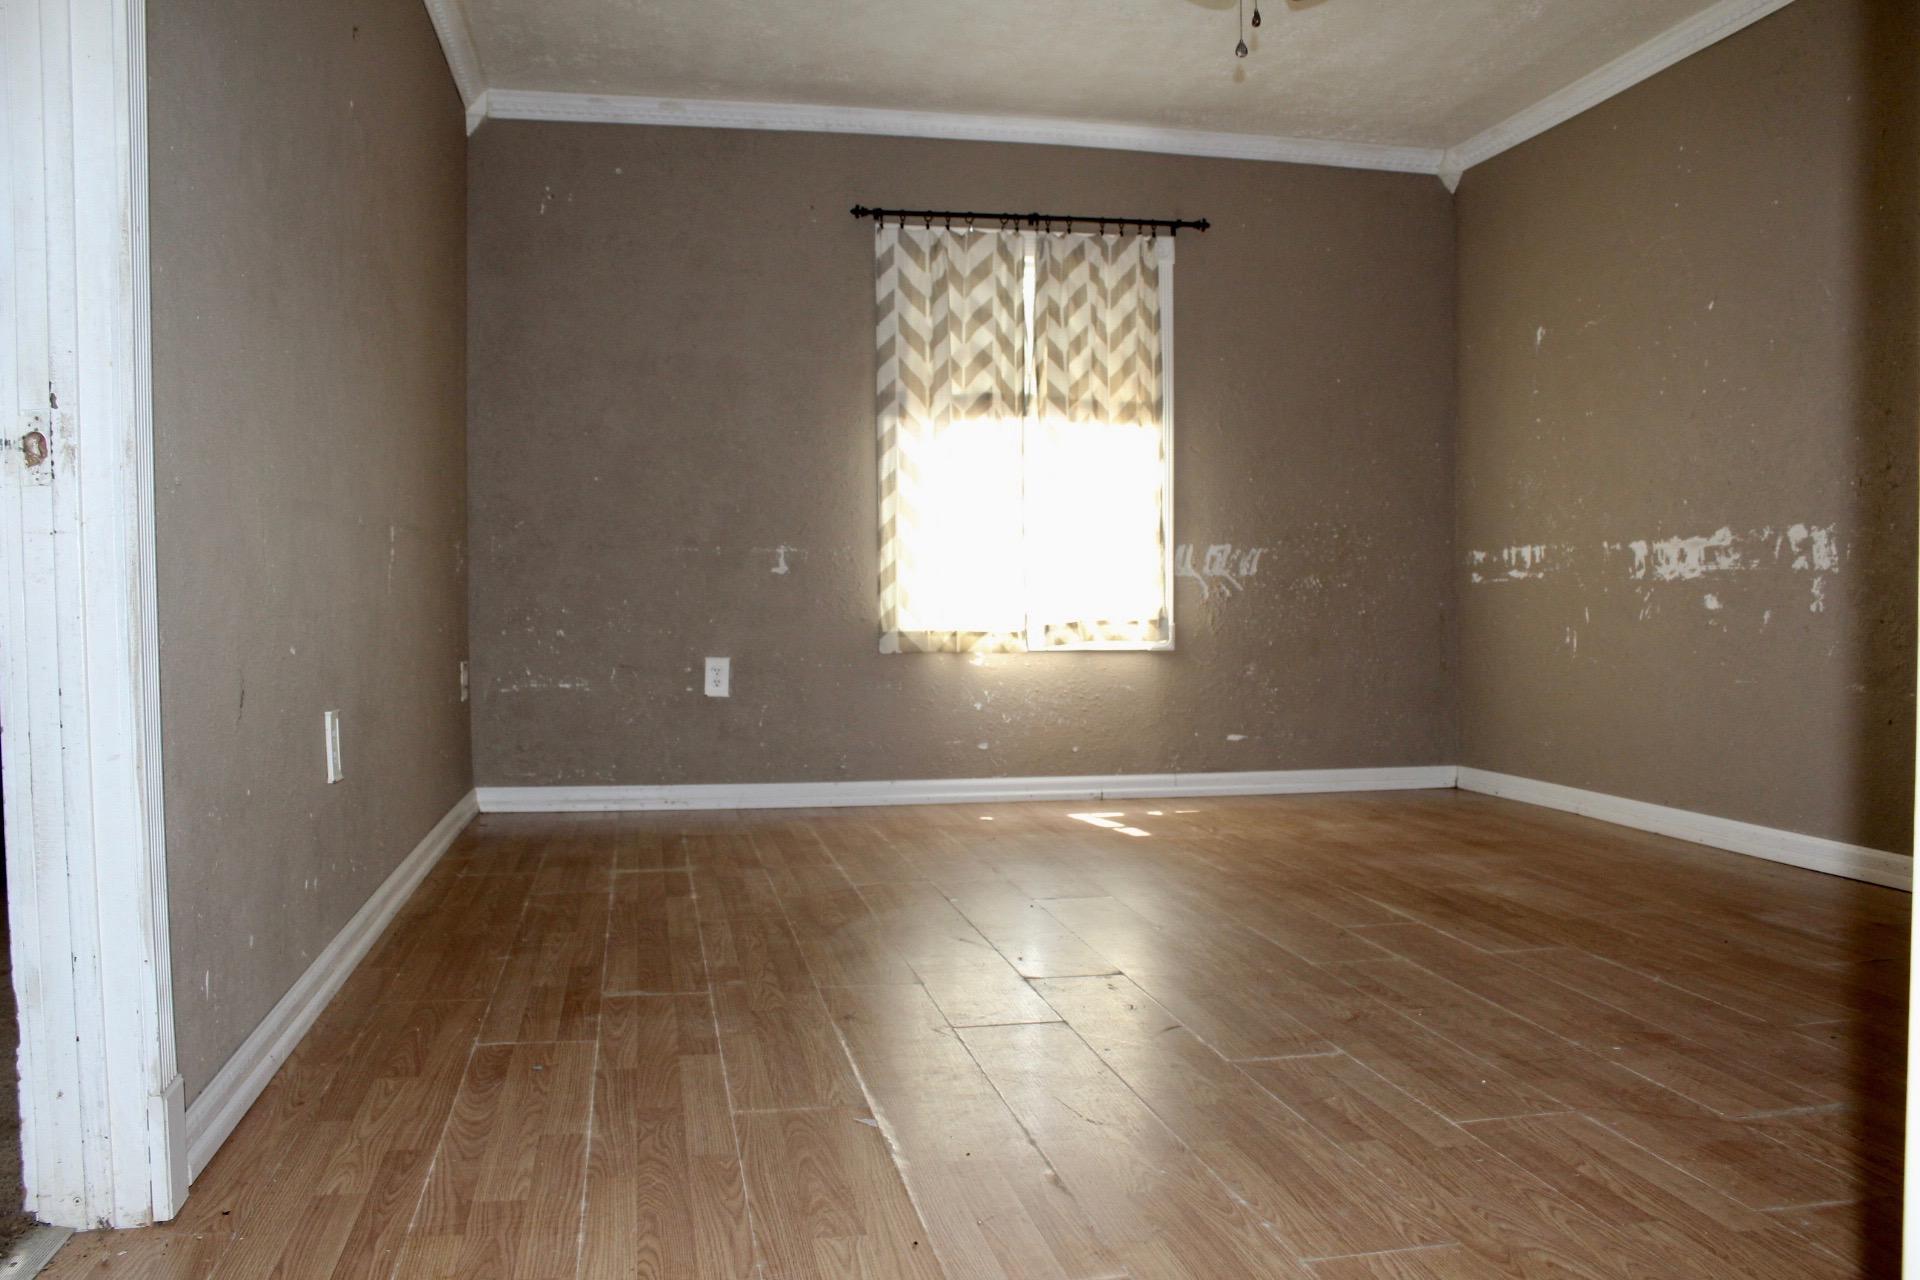 Simpson home for sale, 561 Dogwood Ln, Simpson LA - $68,000